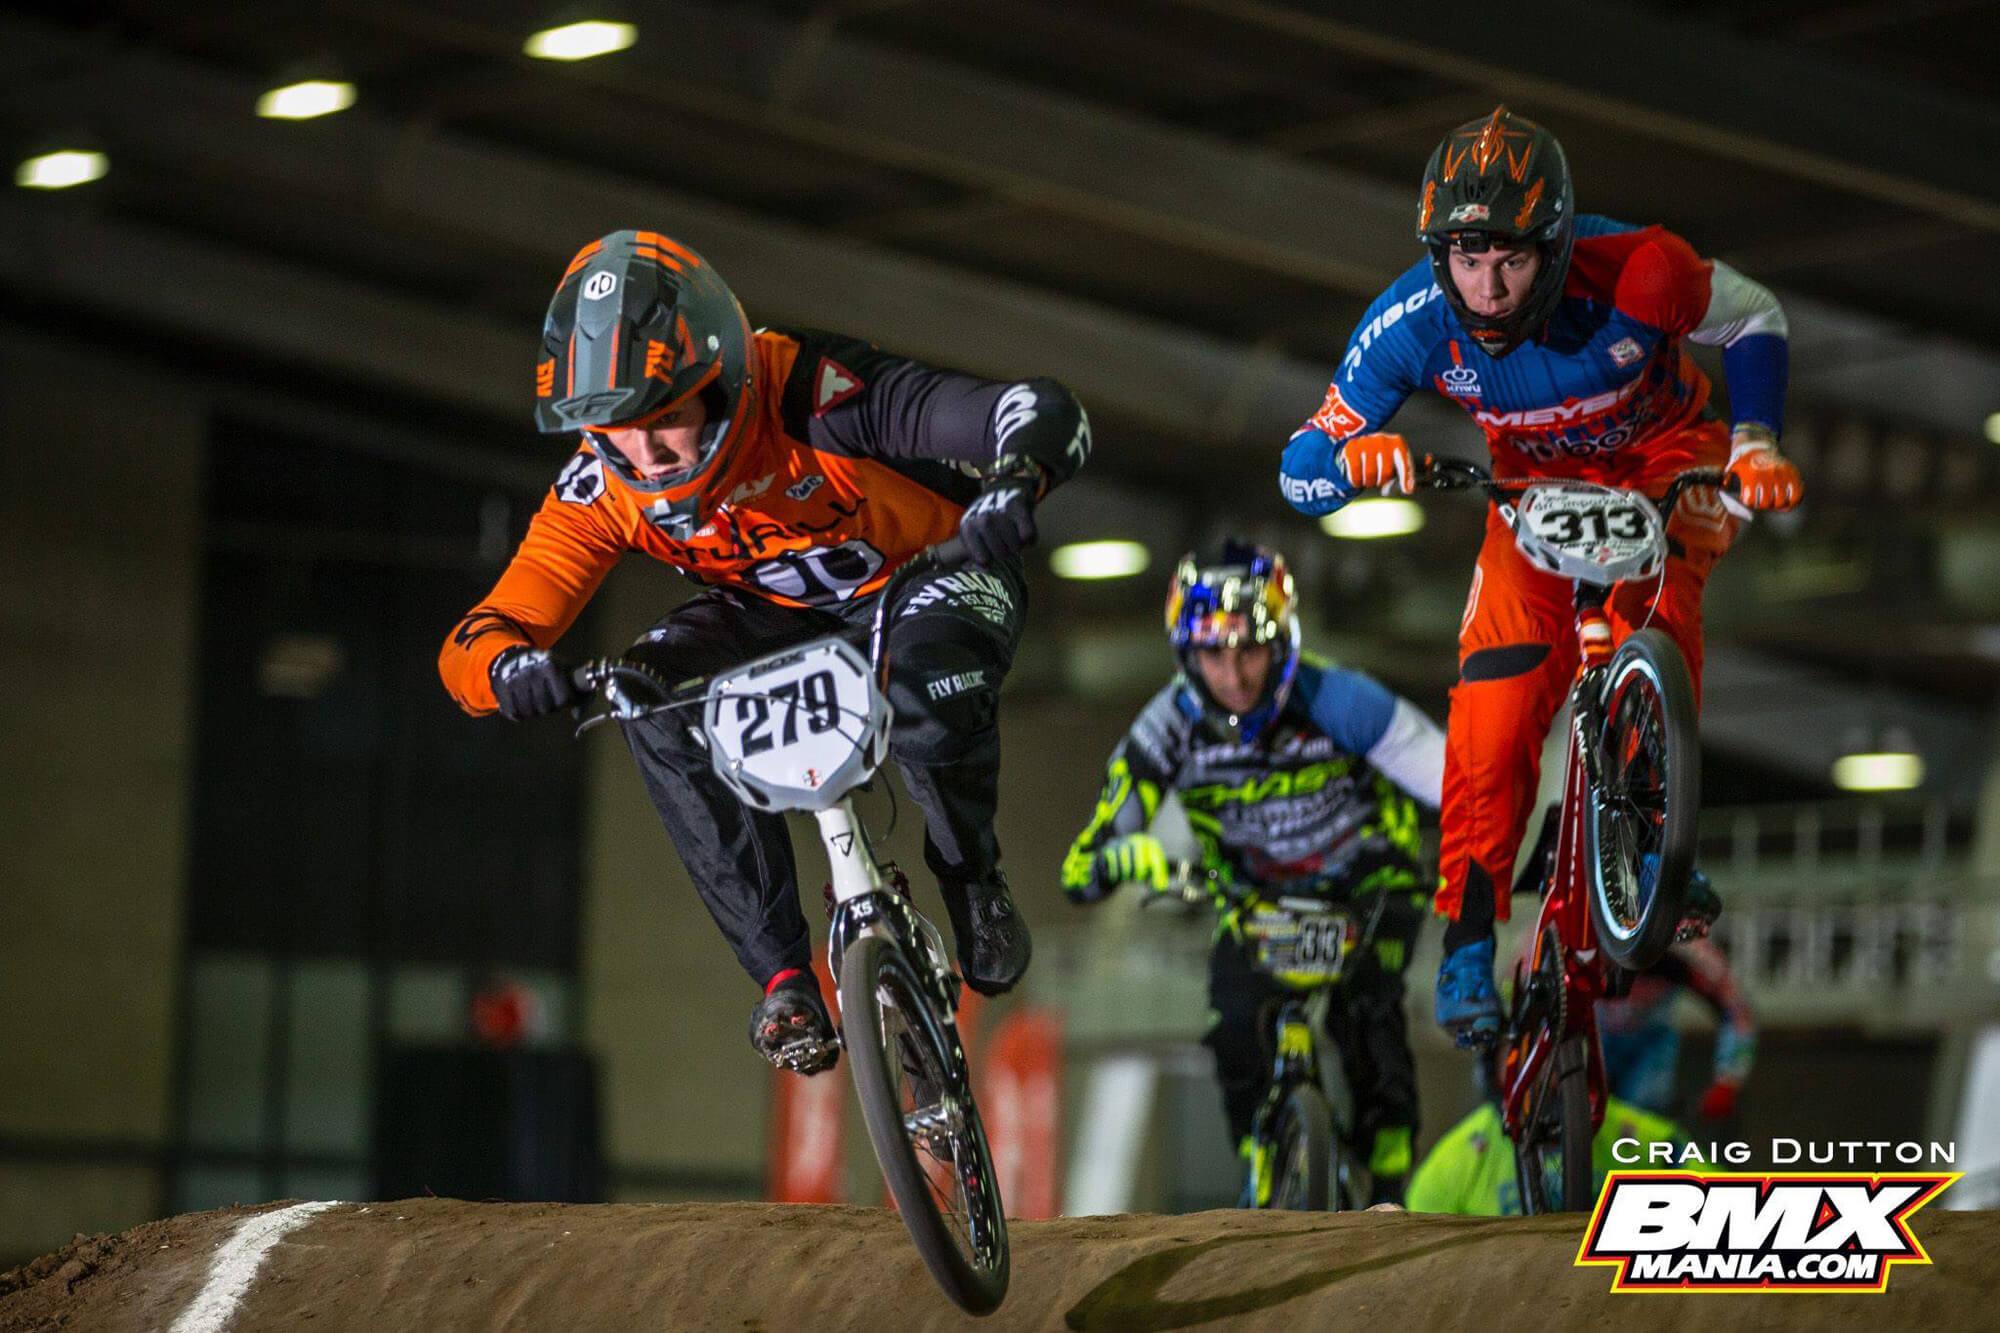 Trent Jones Fifteen BMX - Craig Dutton BMX Mania